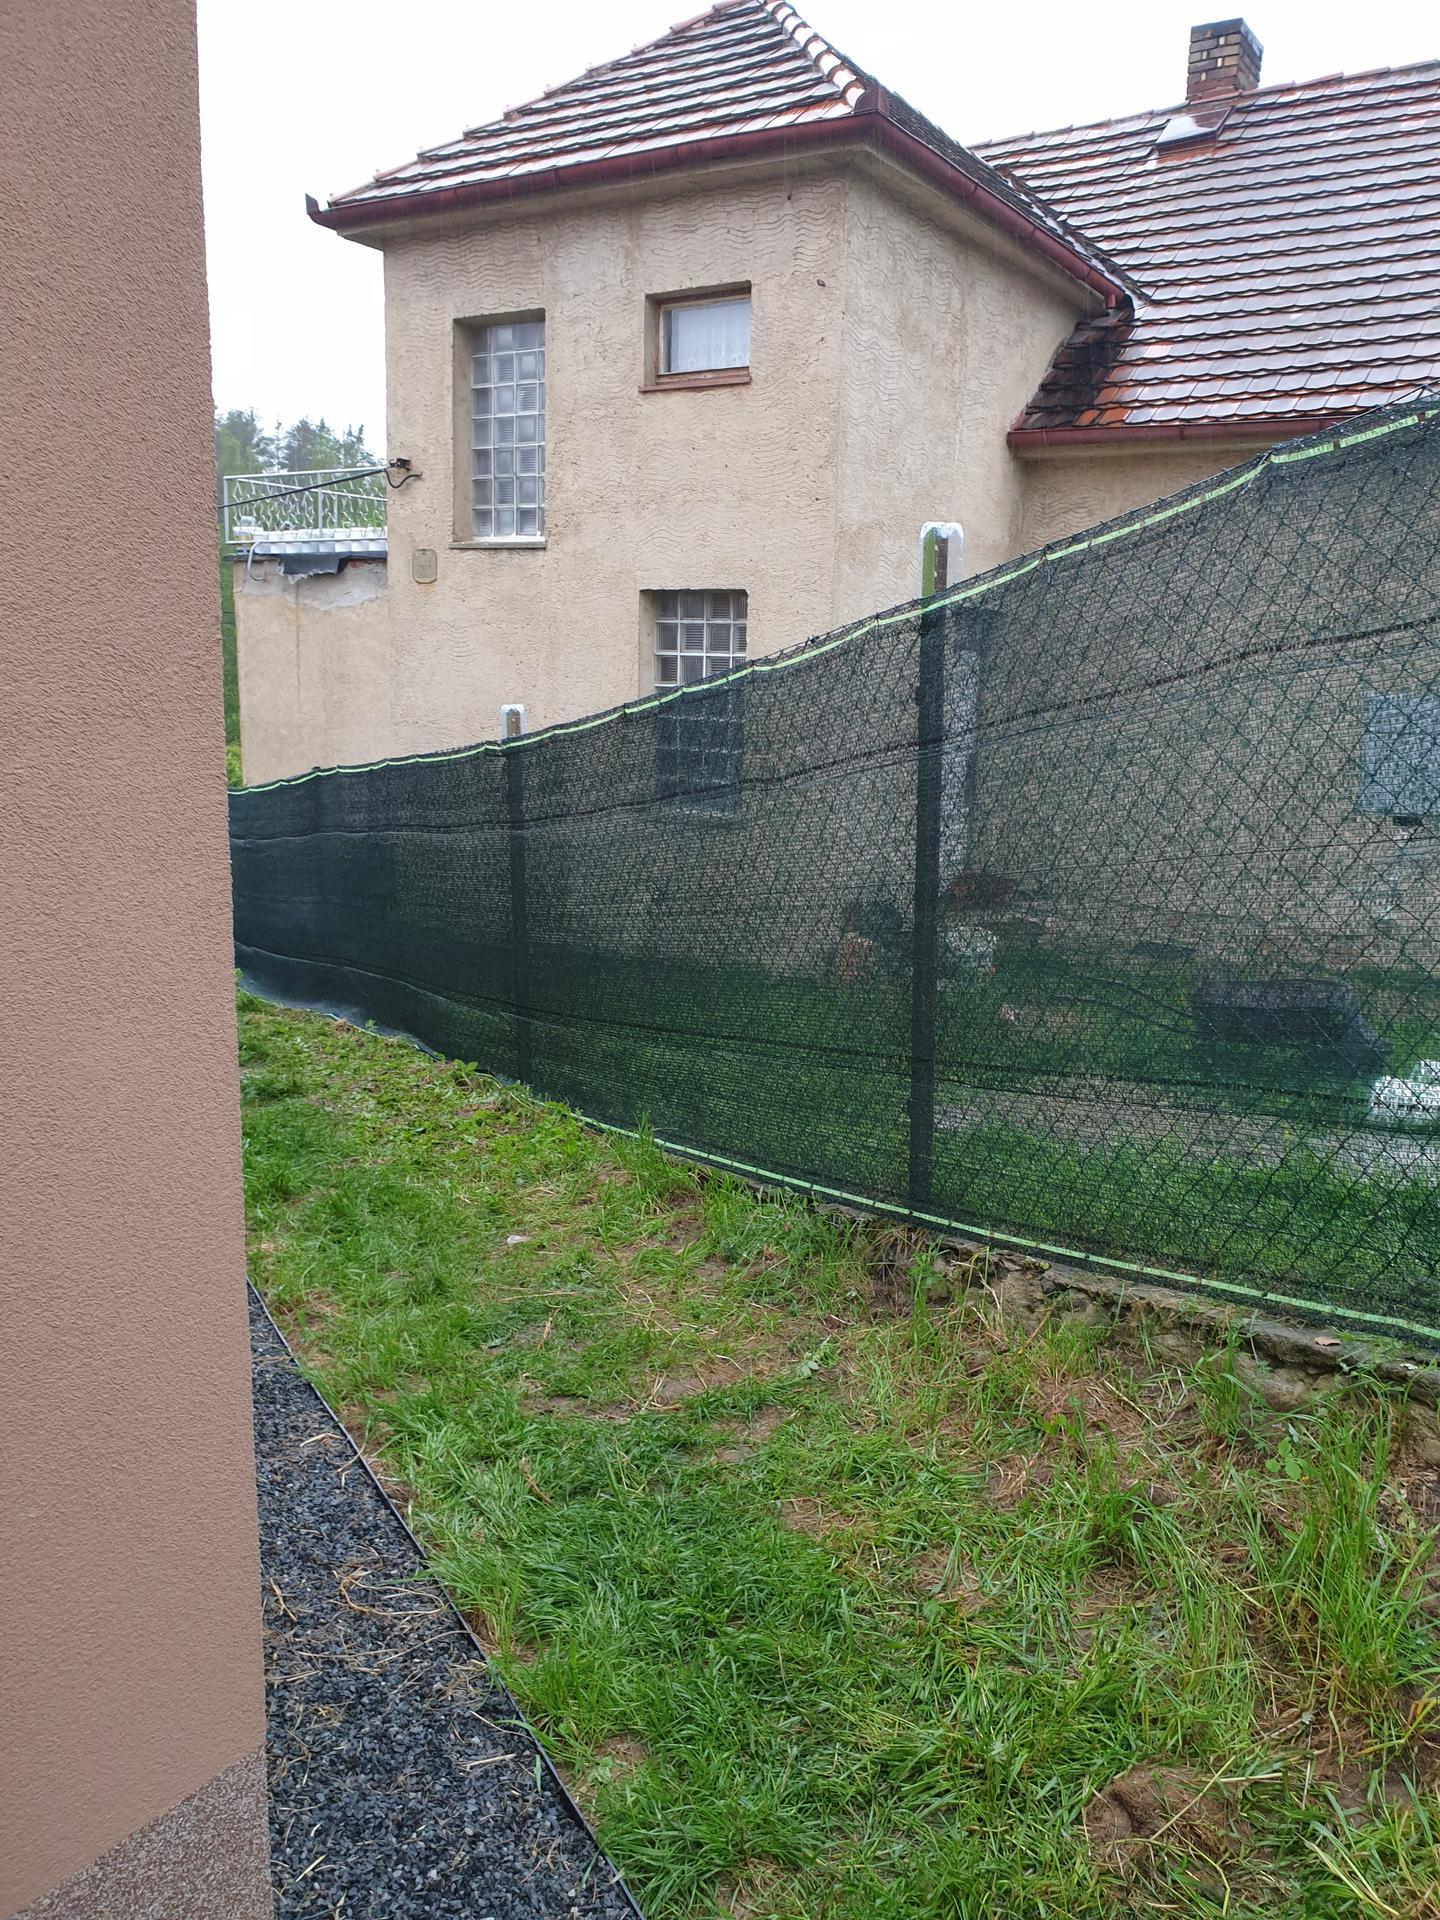 Novy plot. - Obrázek č. 1